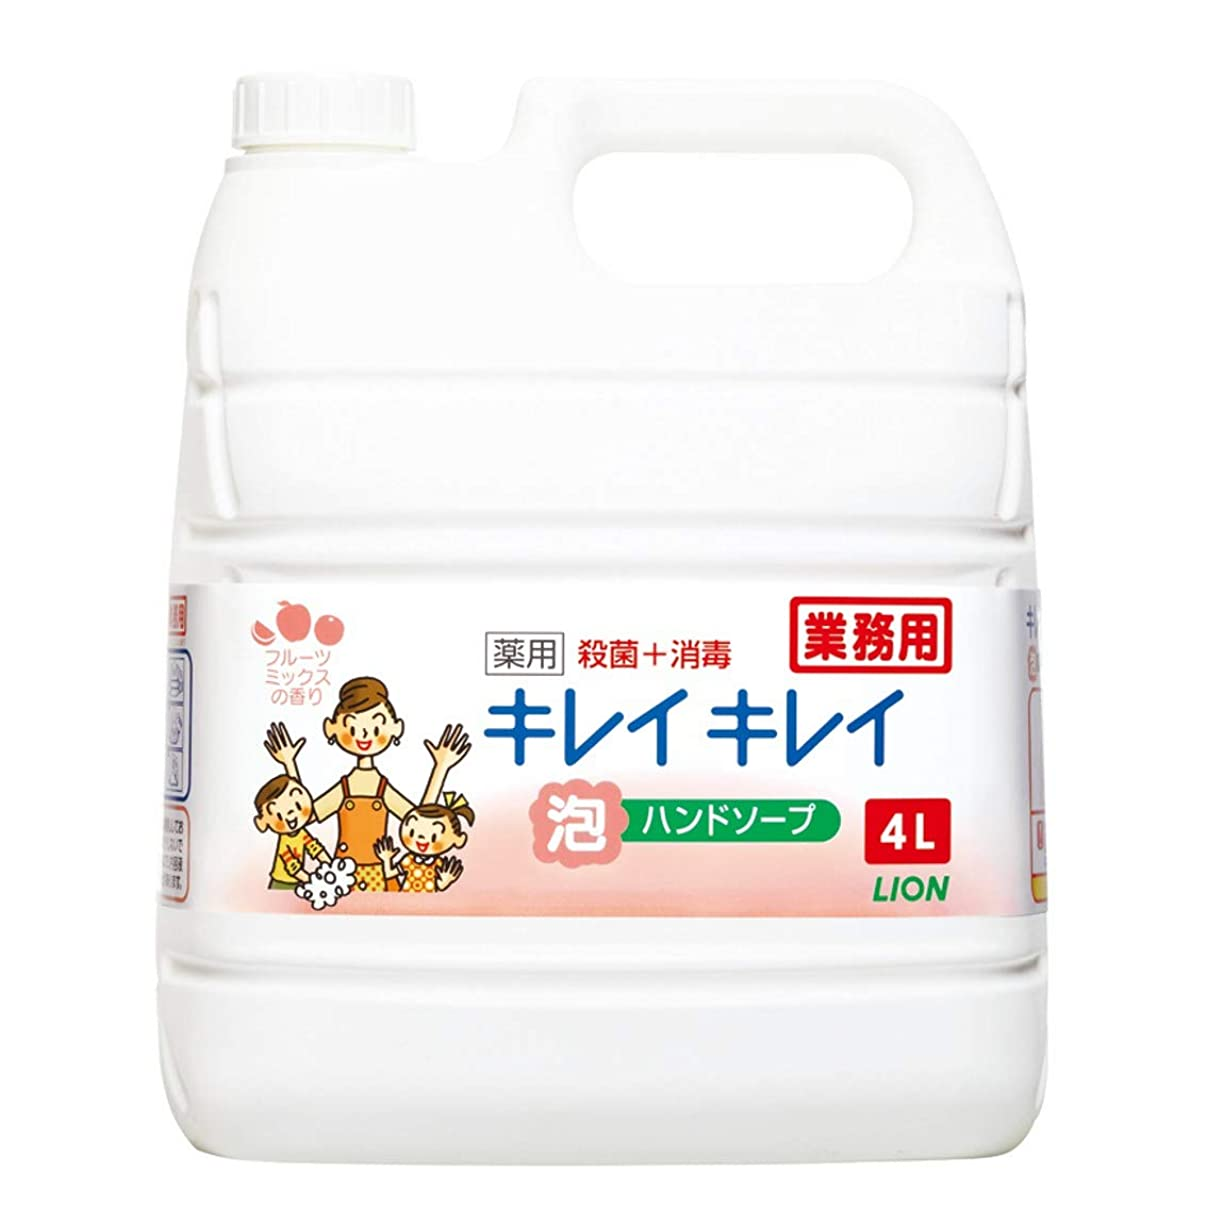 リスナー作る悲しみ【業務用 大容量】キレイキレイ 薬用 泡ハンドソープフルーツミックスの香り 4L(医薬部外品)